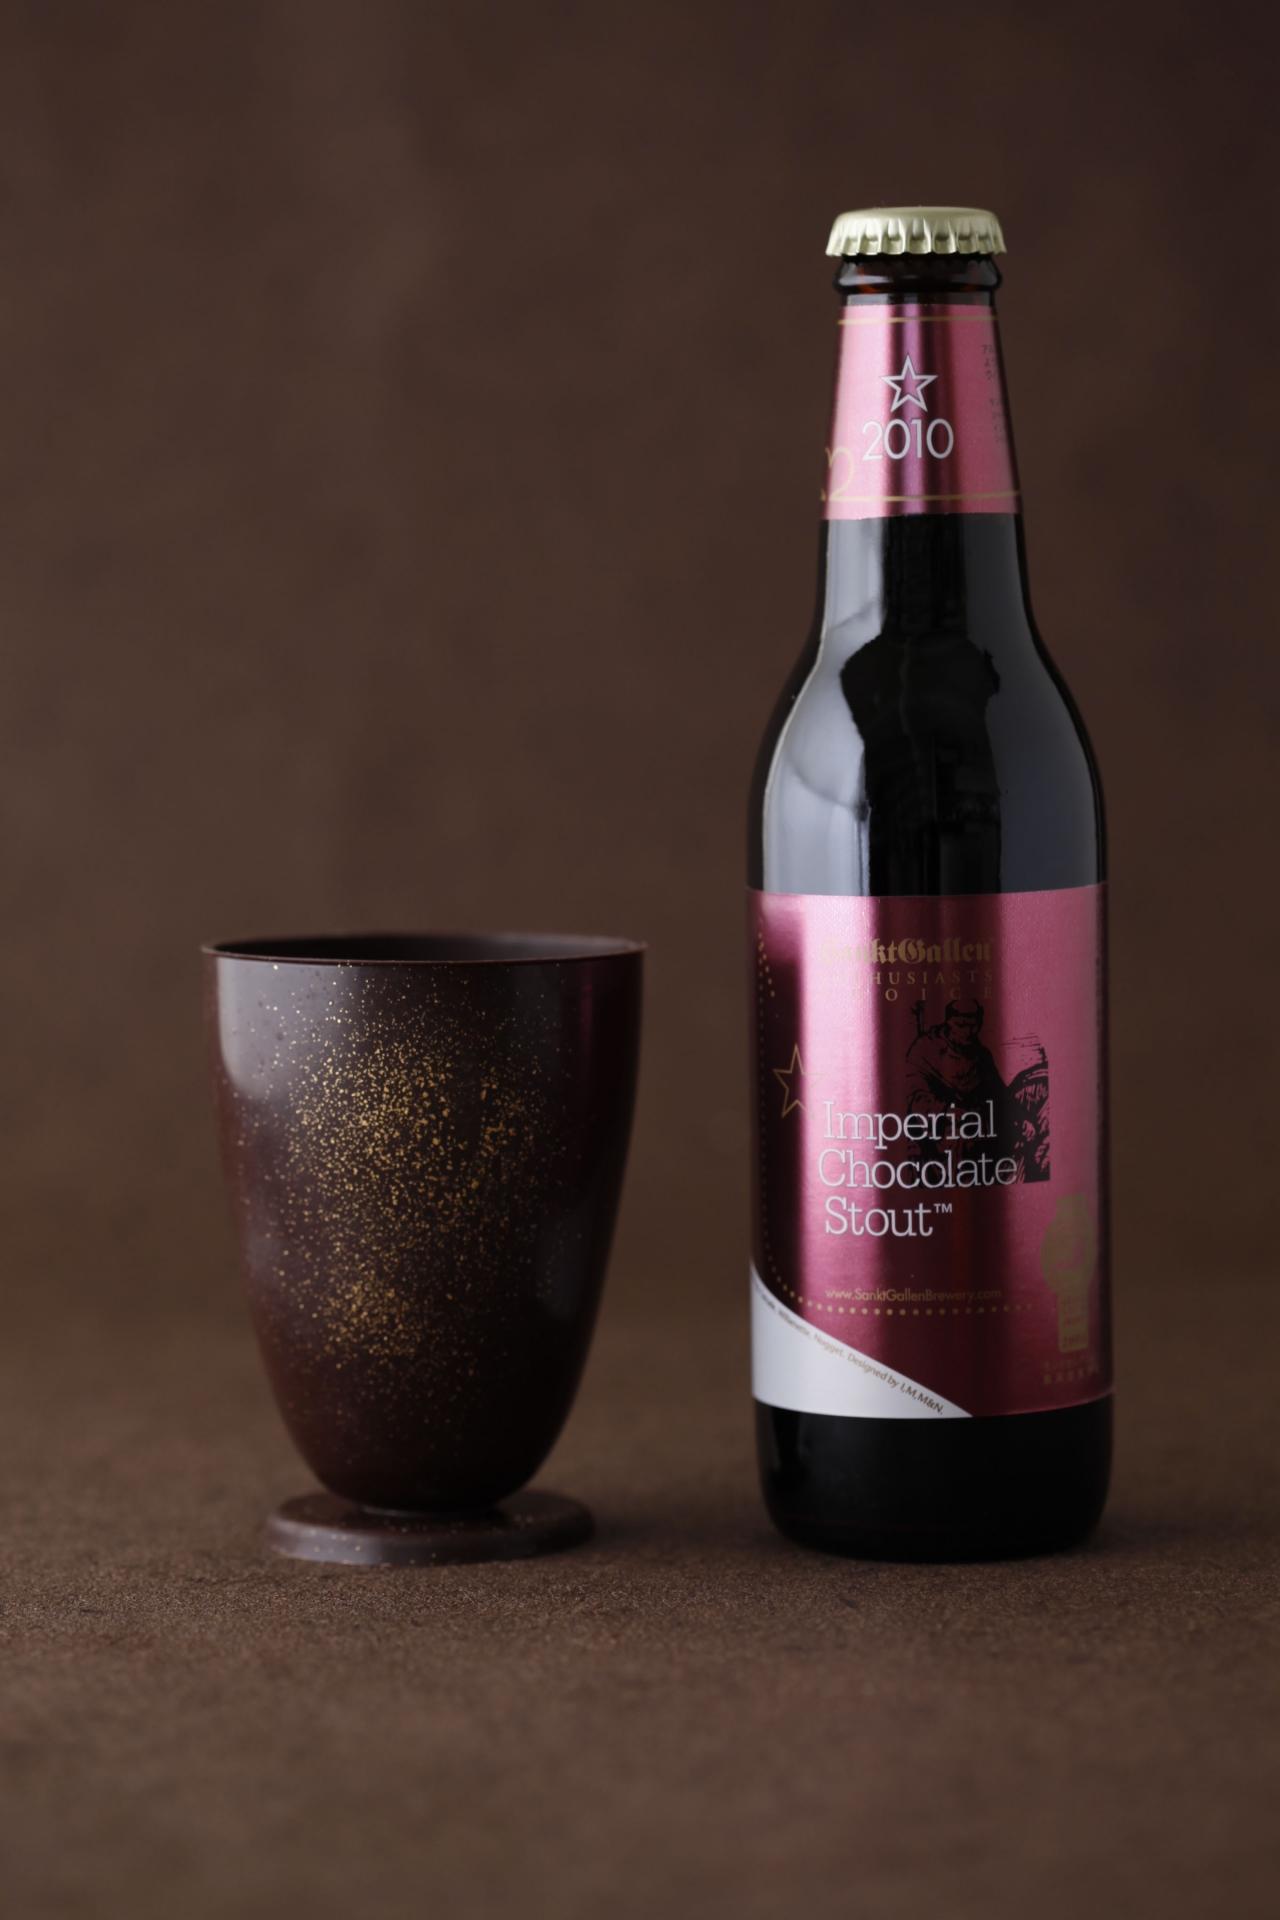 チョコレートグラスとチョコレートビール